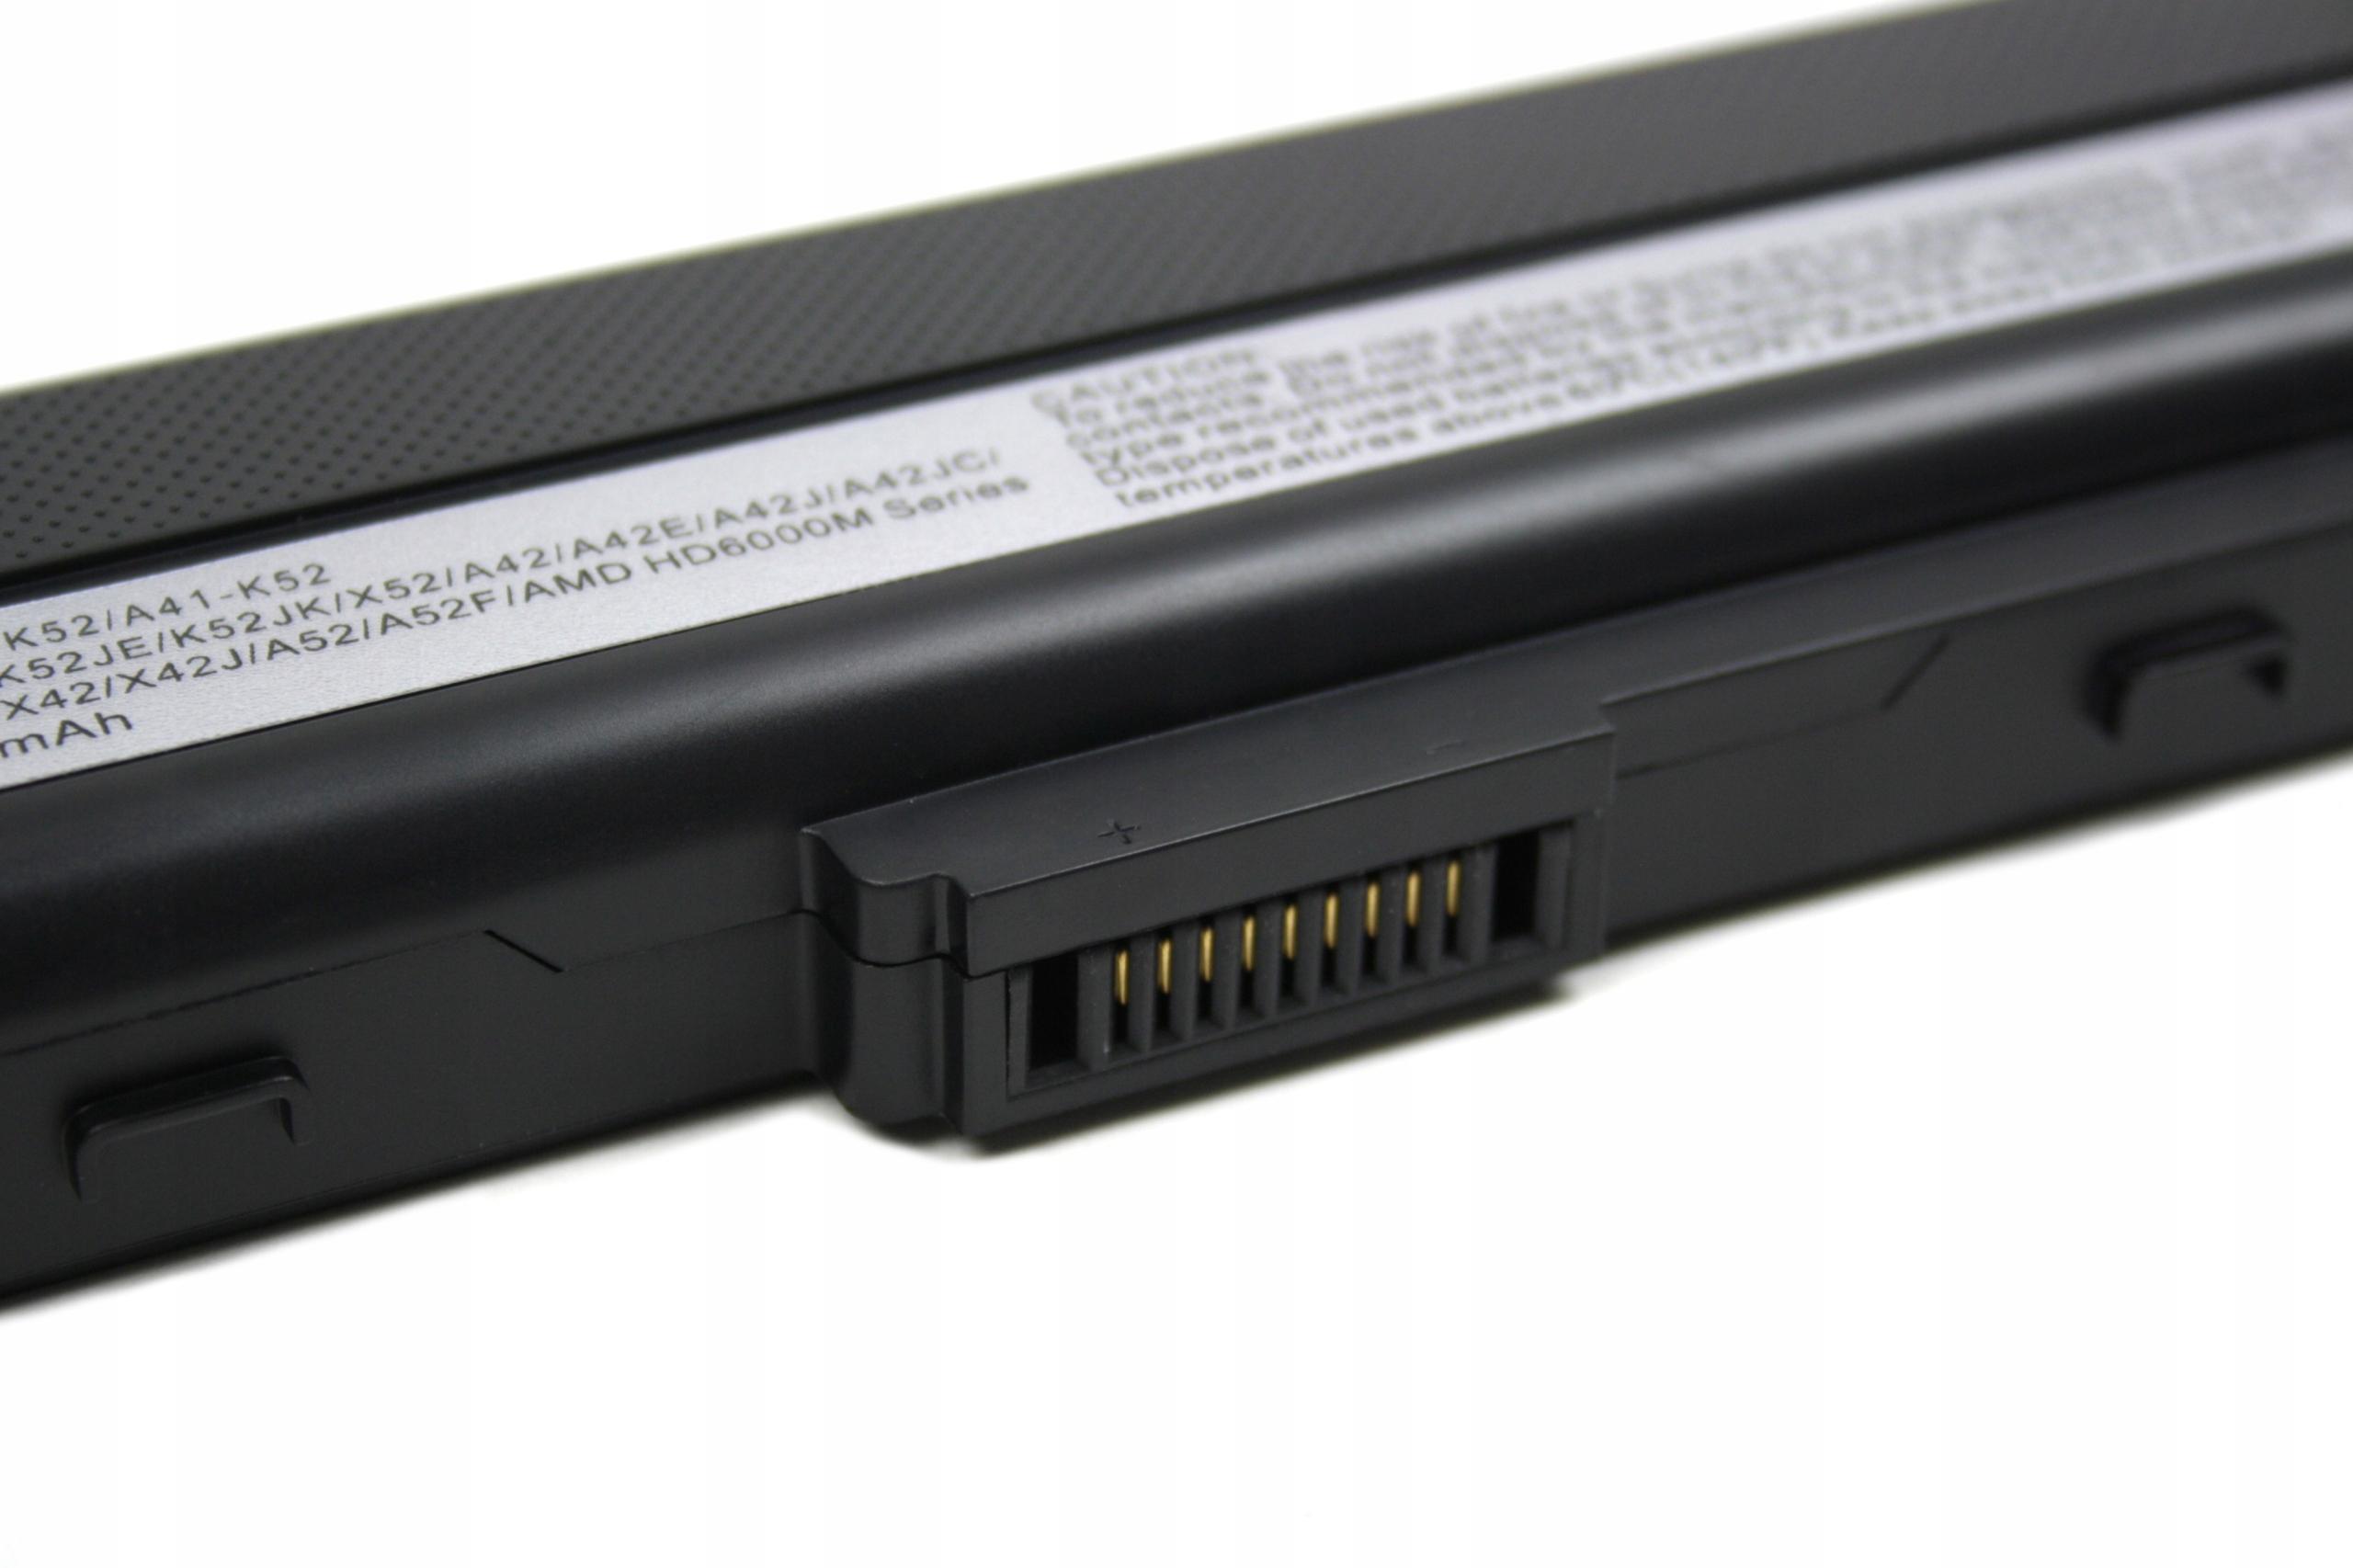 BATERIA AKUMULATOR ASUS A32-K52 A52F K52 K52F K52J K52JC X52J - Baterie do laptopów